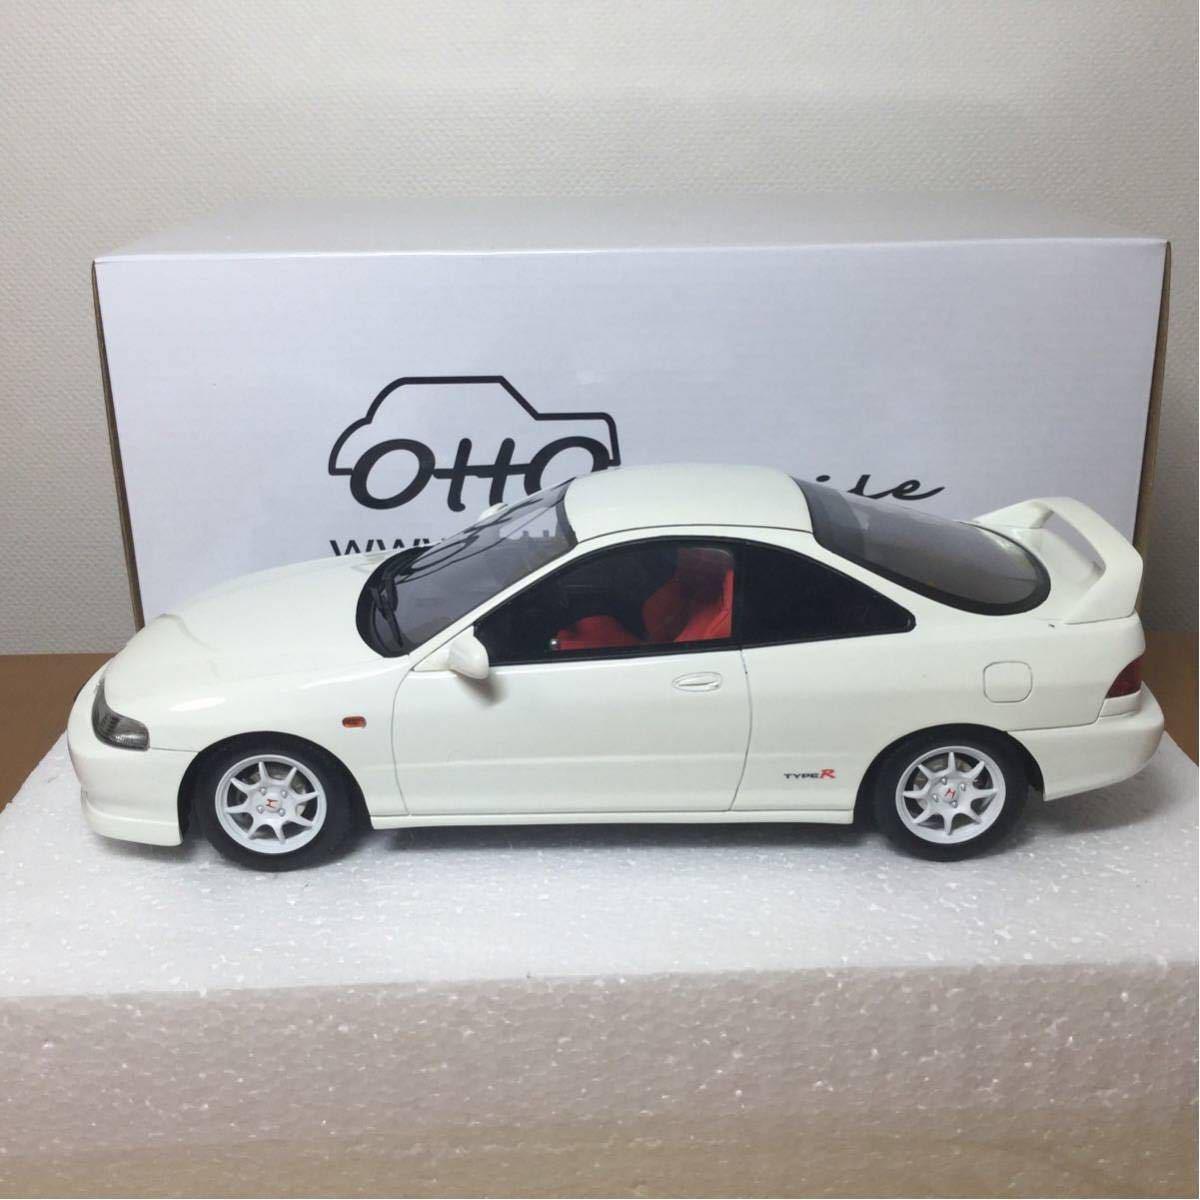 ☆レア 1/18 otto ホンダ インテグラ DC2 (ホワイト)タイプR / オットー モービル Honda TypeR OTM223 OttOmobile レジンモデル ☆_画像4